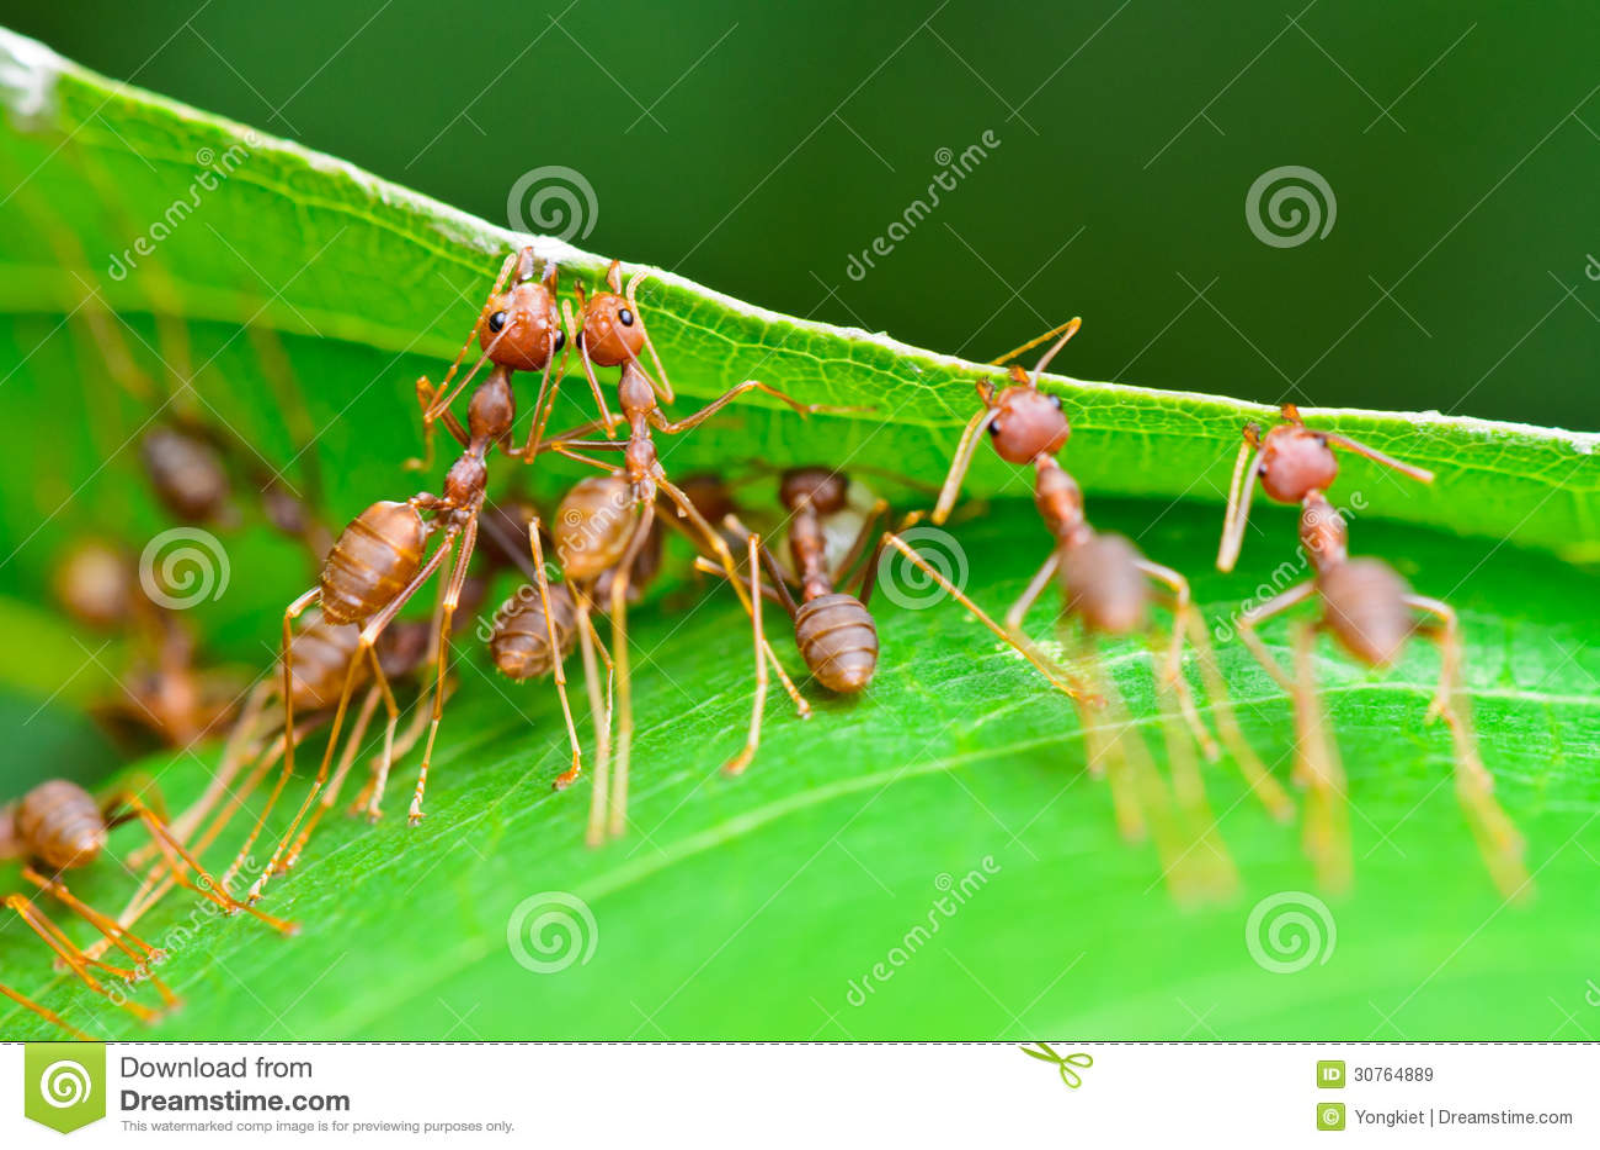 Smaragdina Oecophylla (общие имена включают муравея ткача,